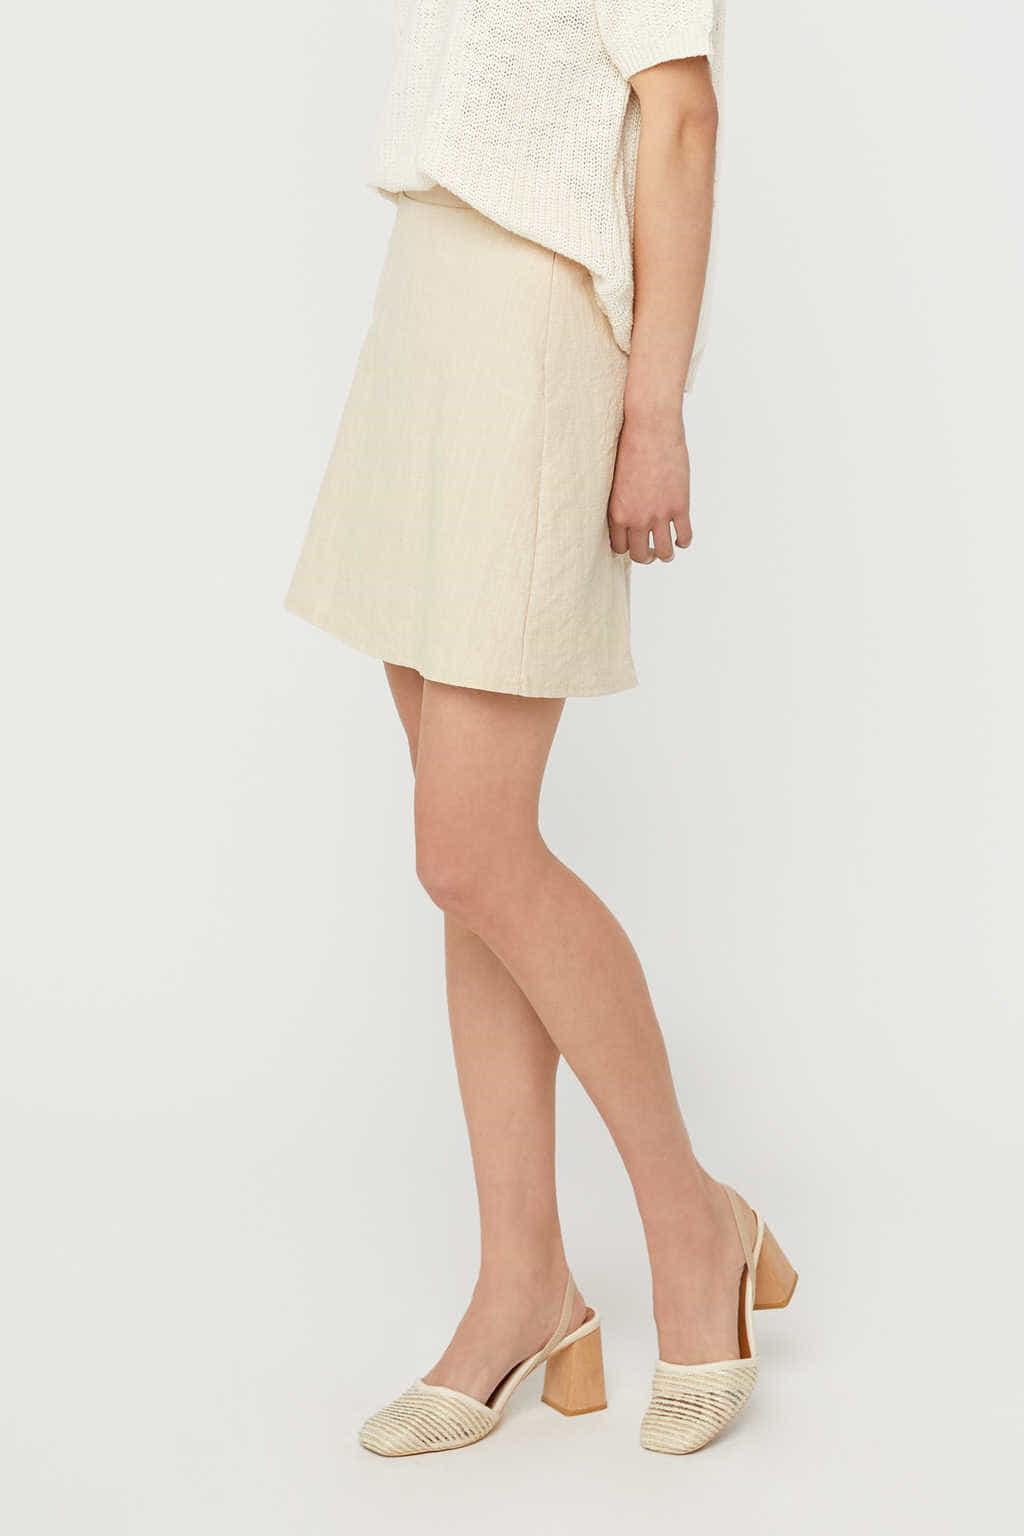 Skirt K020 Beige 3